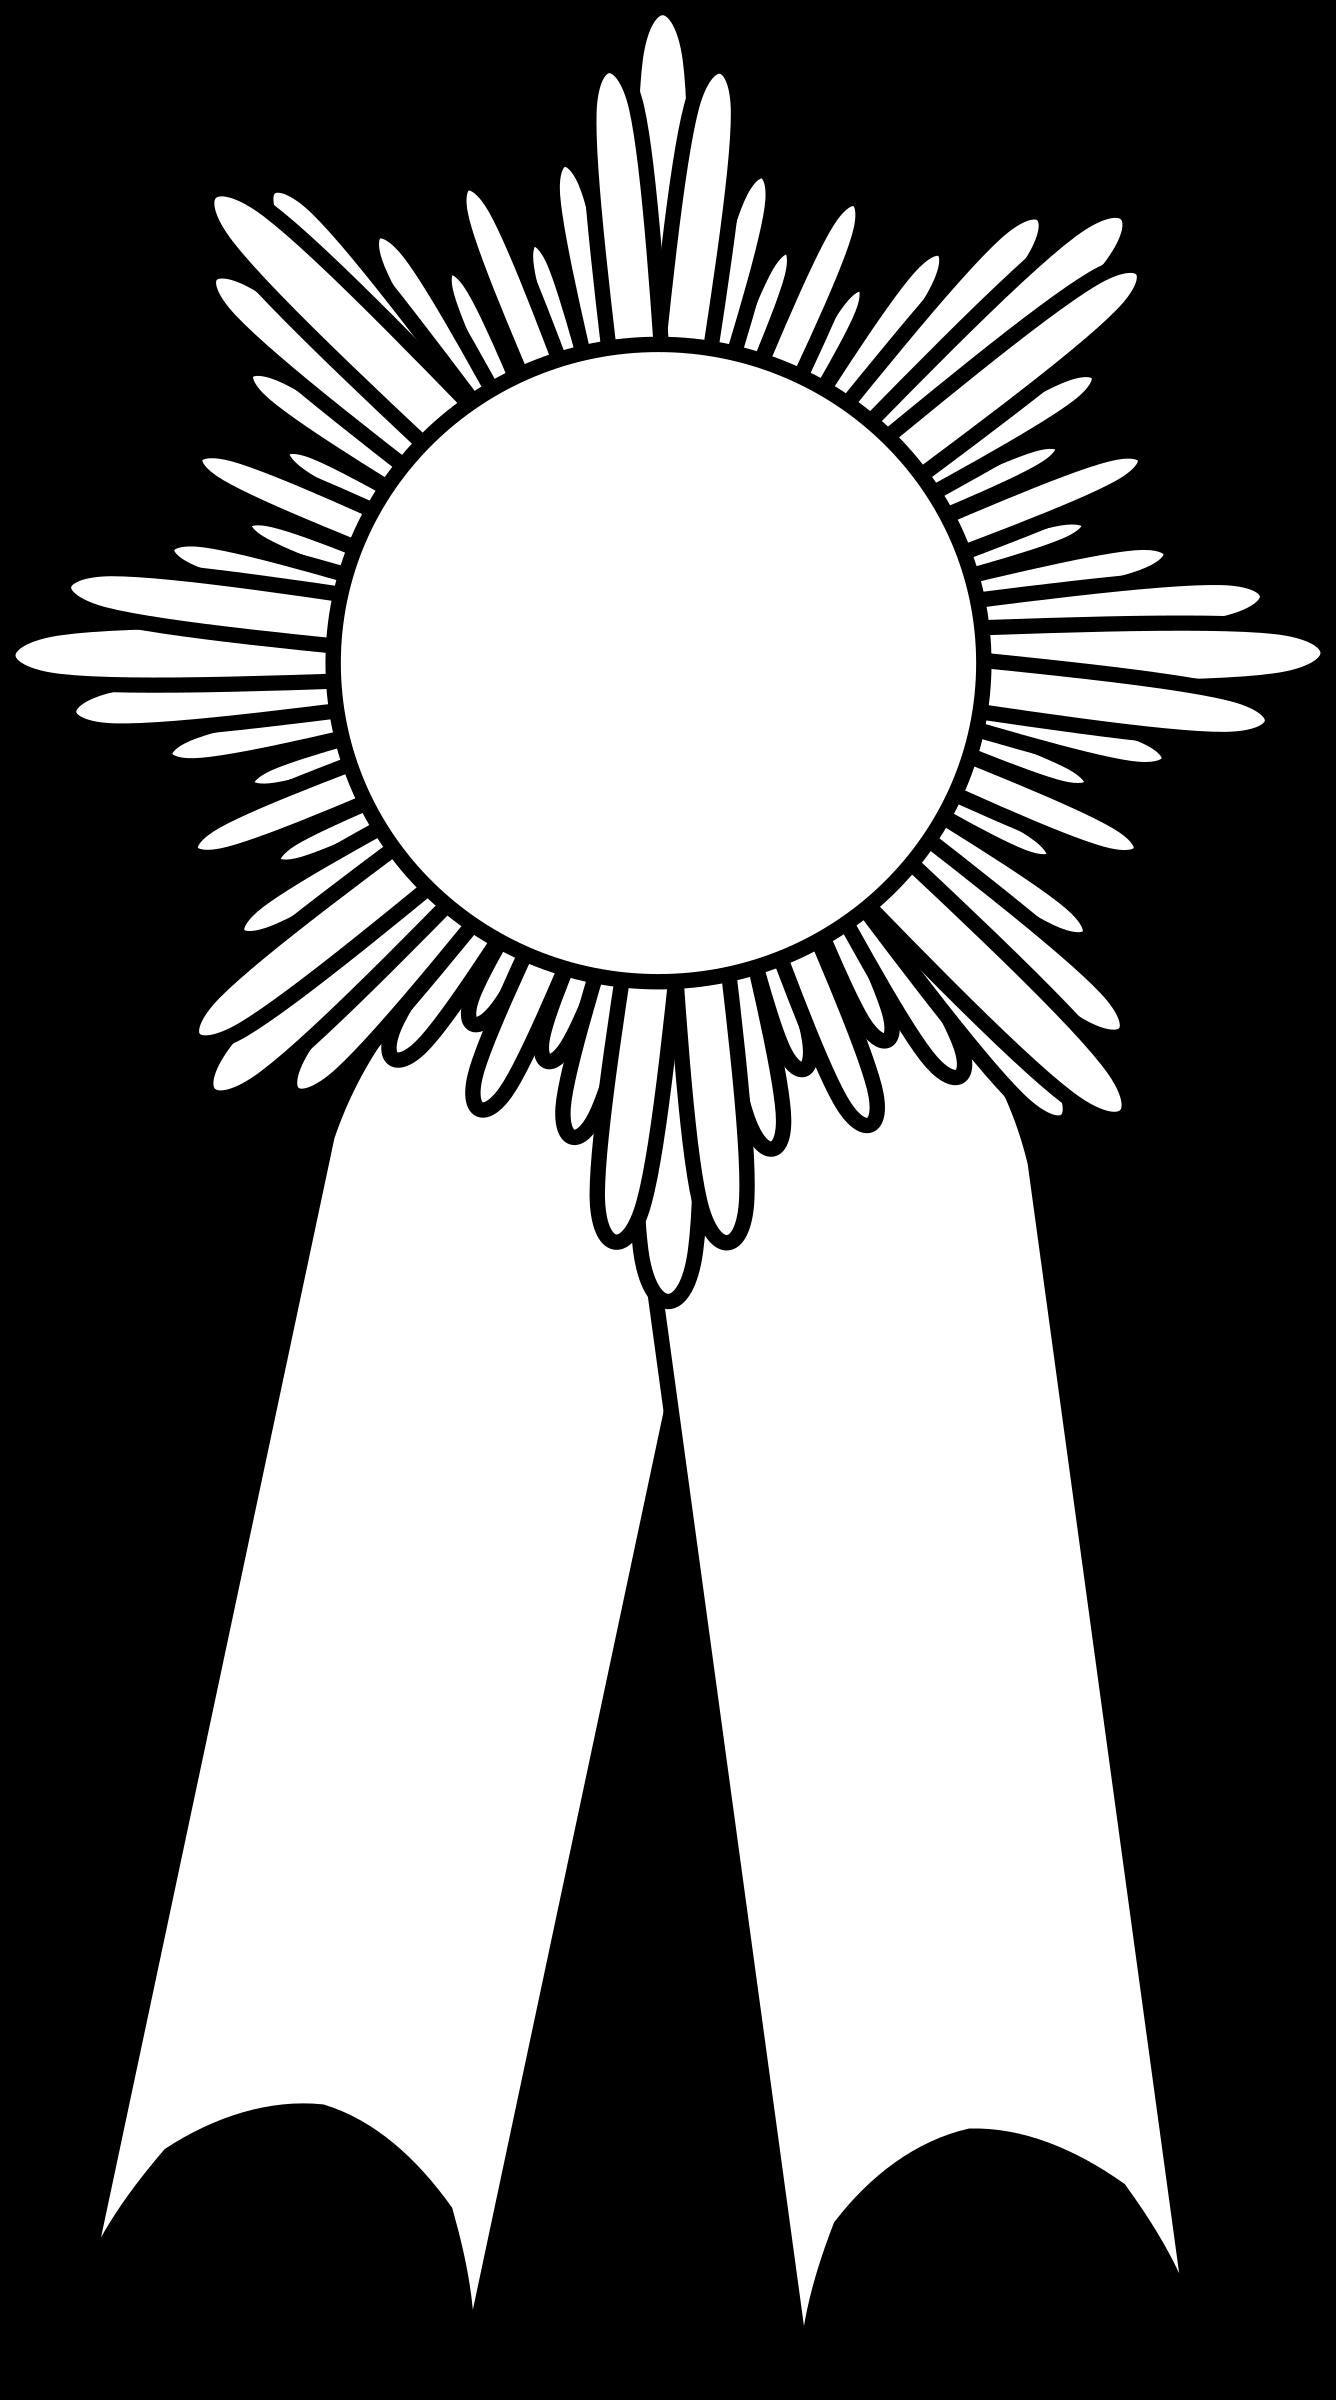 Award Ribbon Outline.